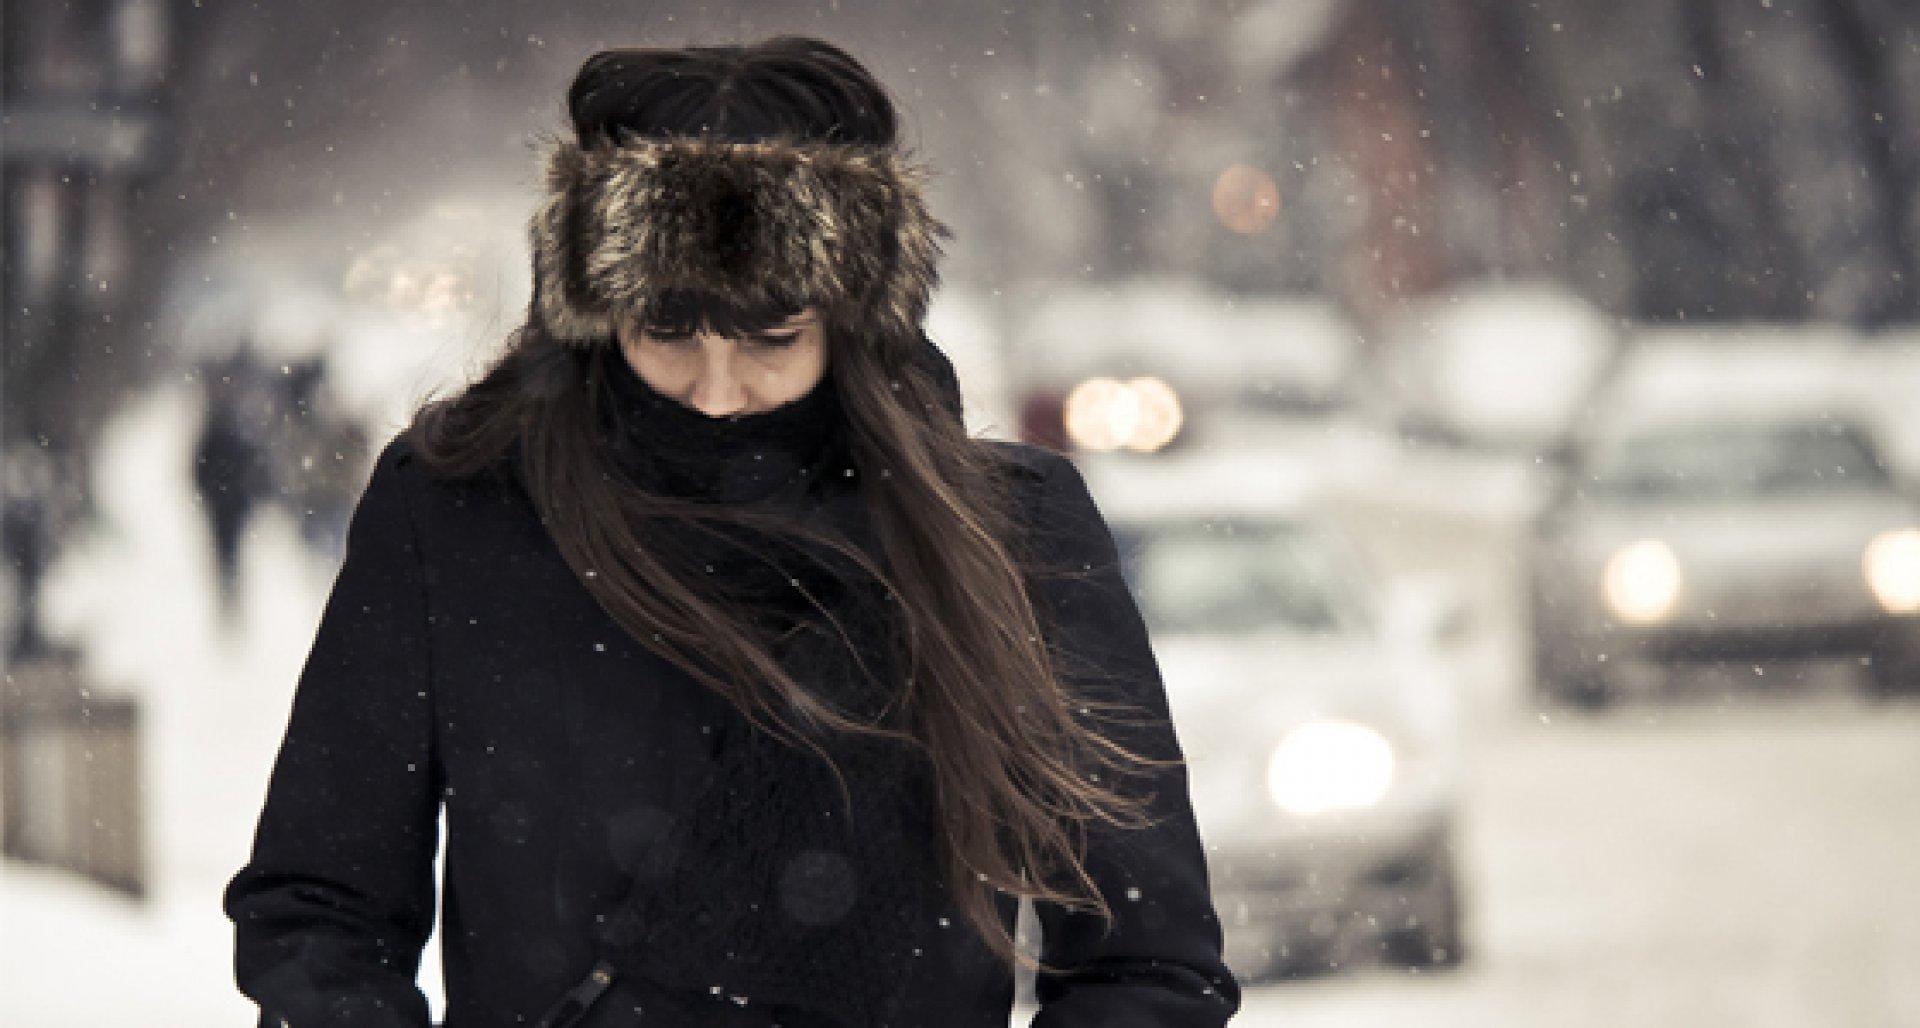 Картинки девушки зимой без лица, выборга